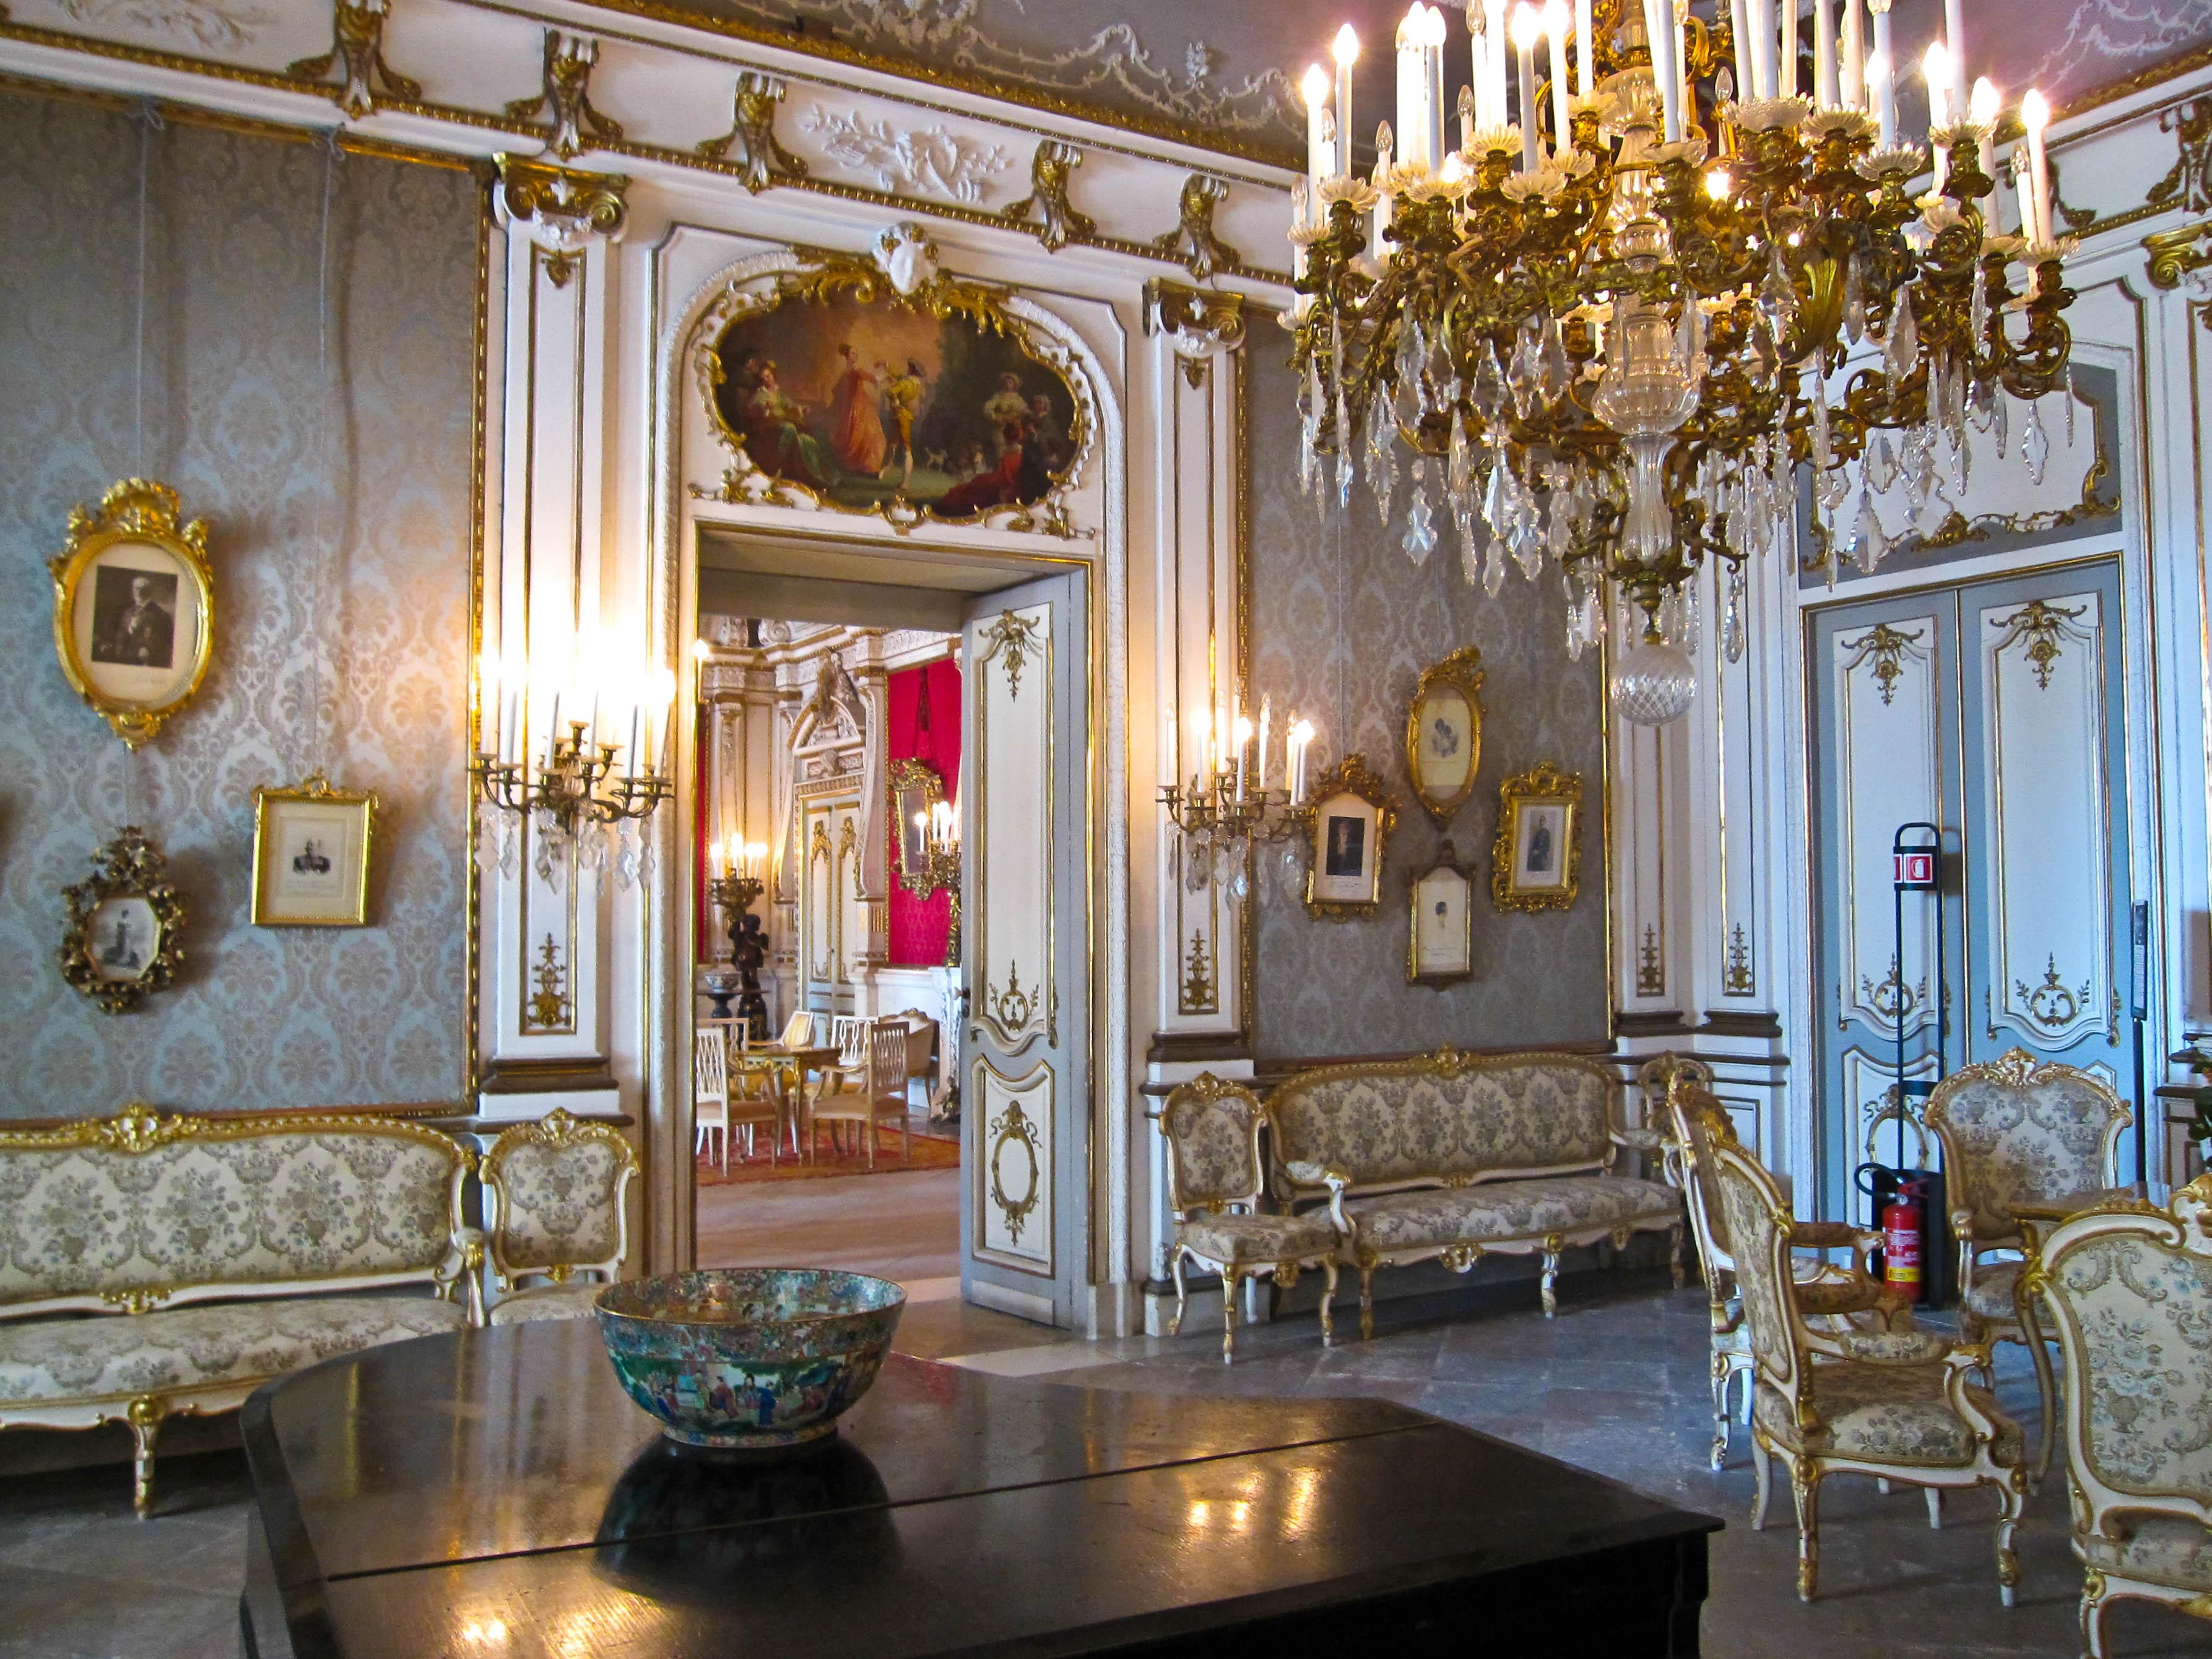 Musei gratis a napoli domenica 3 maggio for Planimetrie del palazzo con sala da ballo